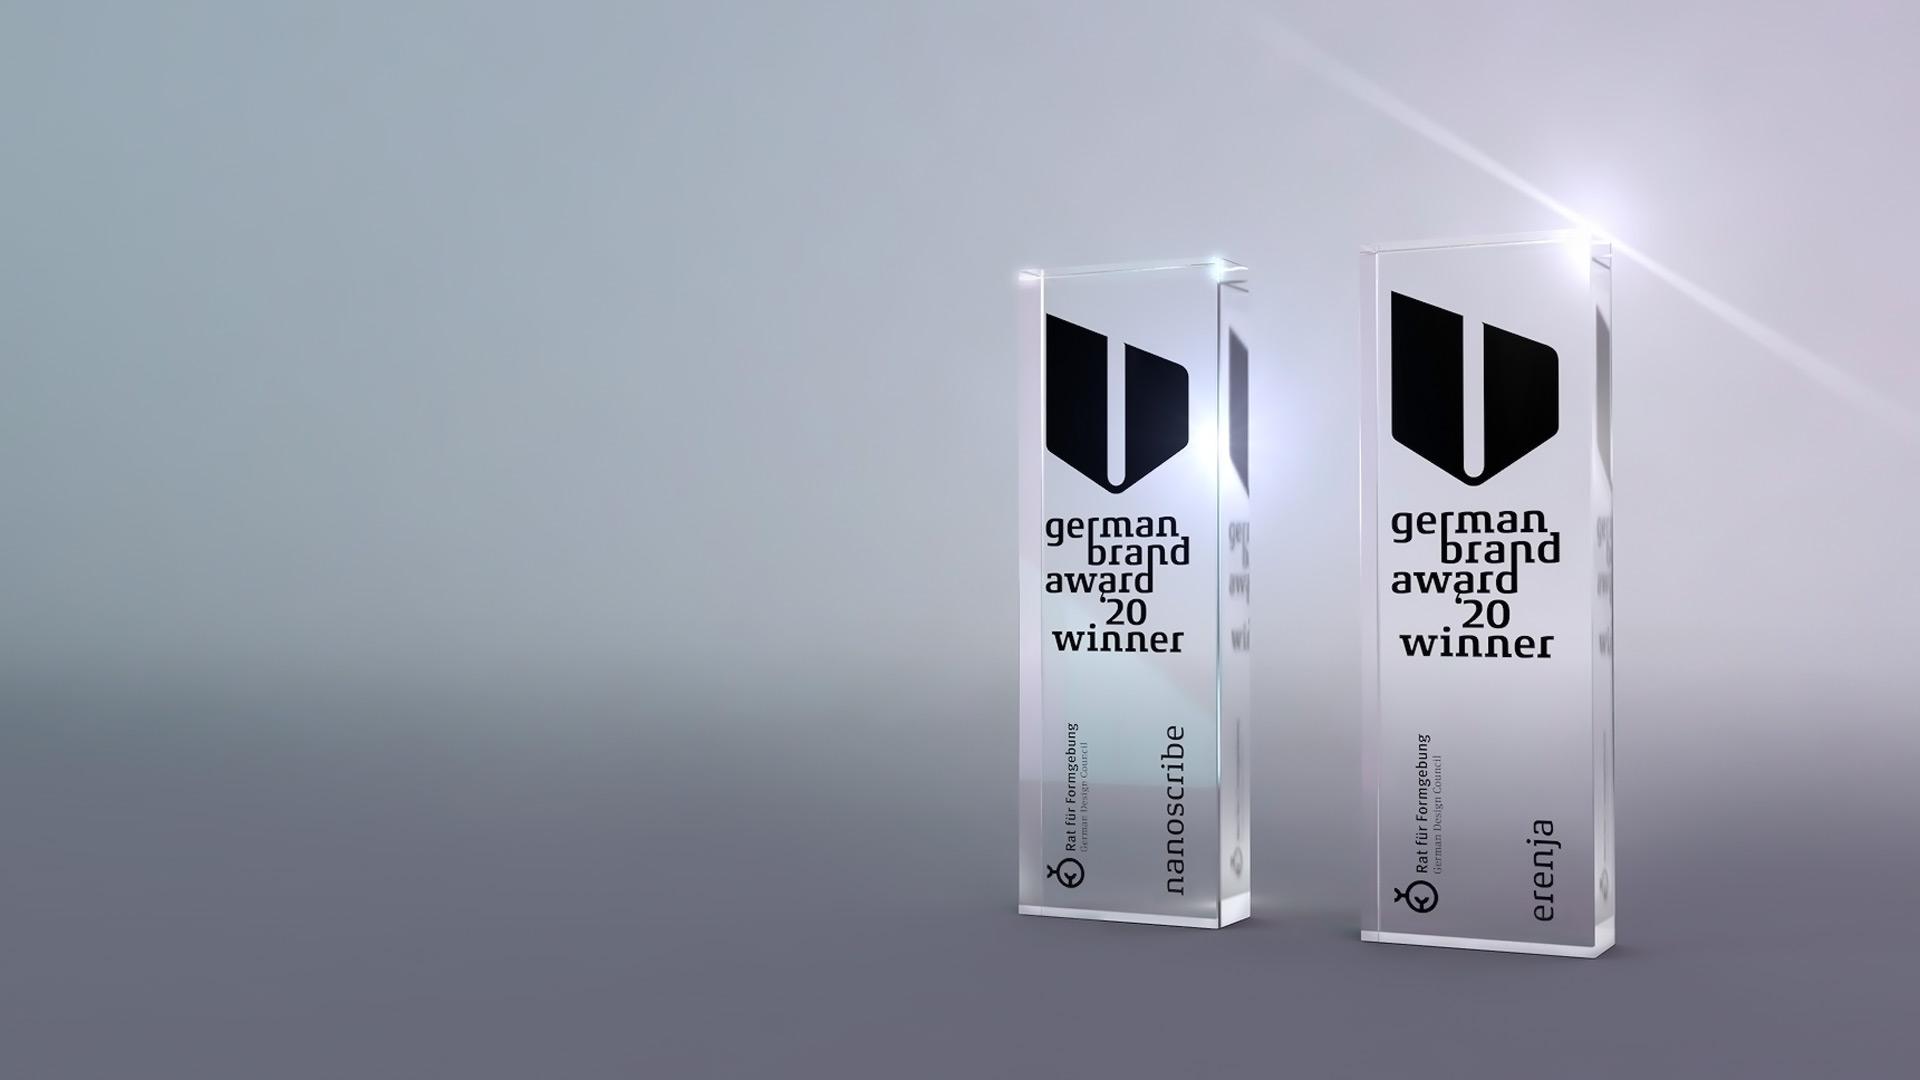 Auszeichnung für erfolgreiche Markenführung, Corporate Design Auszeichnung für erenja und nanoscribe, verliehen vom Rat der Formgebung beim German Brand Award 2020